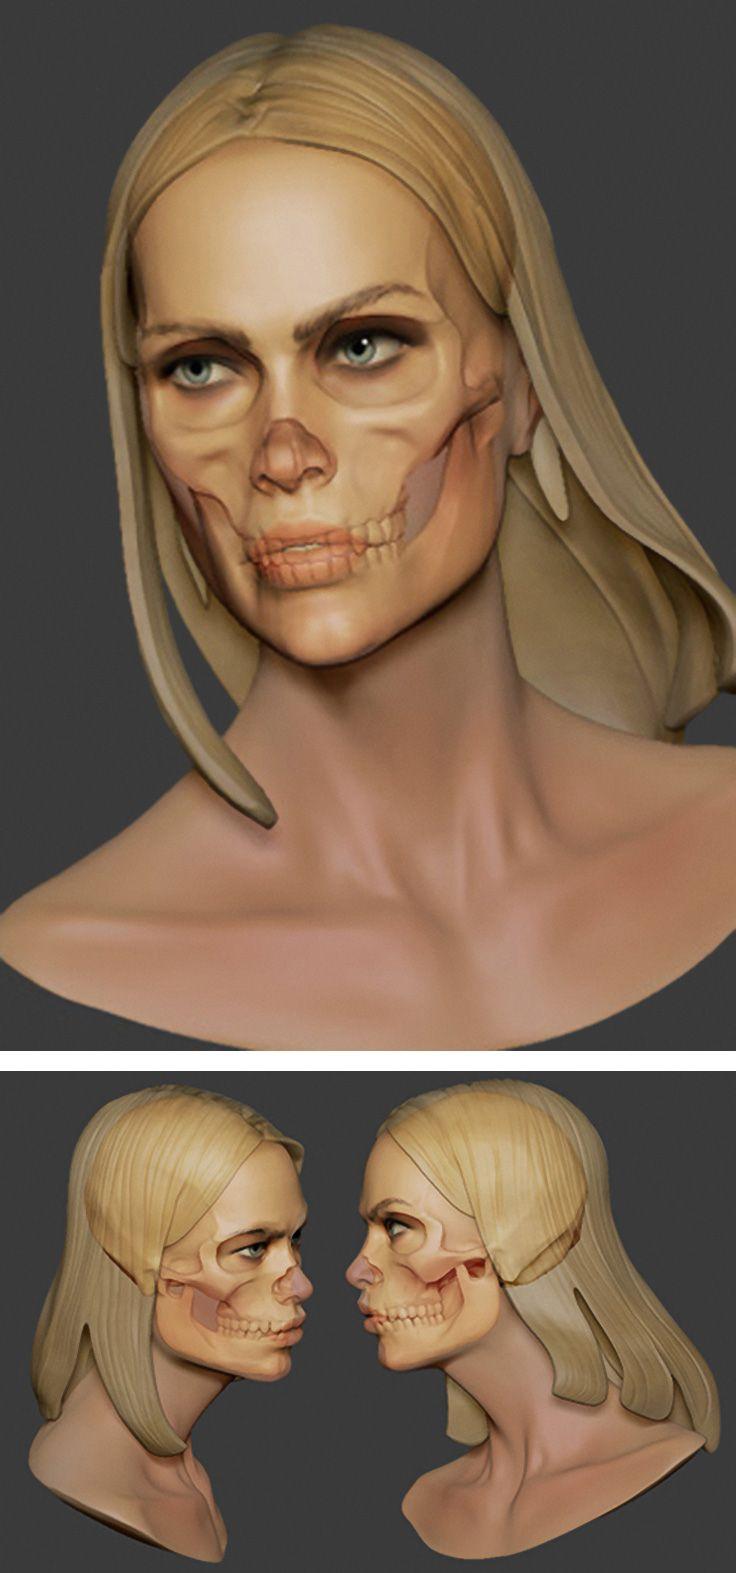 Female Skull Study created with ZBrush #3D #anatomy skullappreciationsociety.com